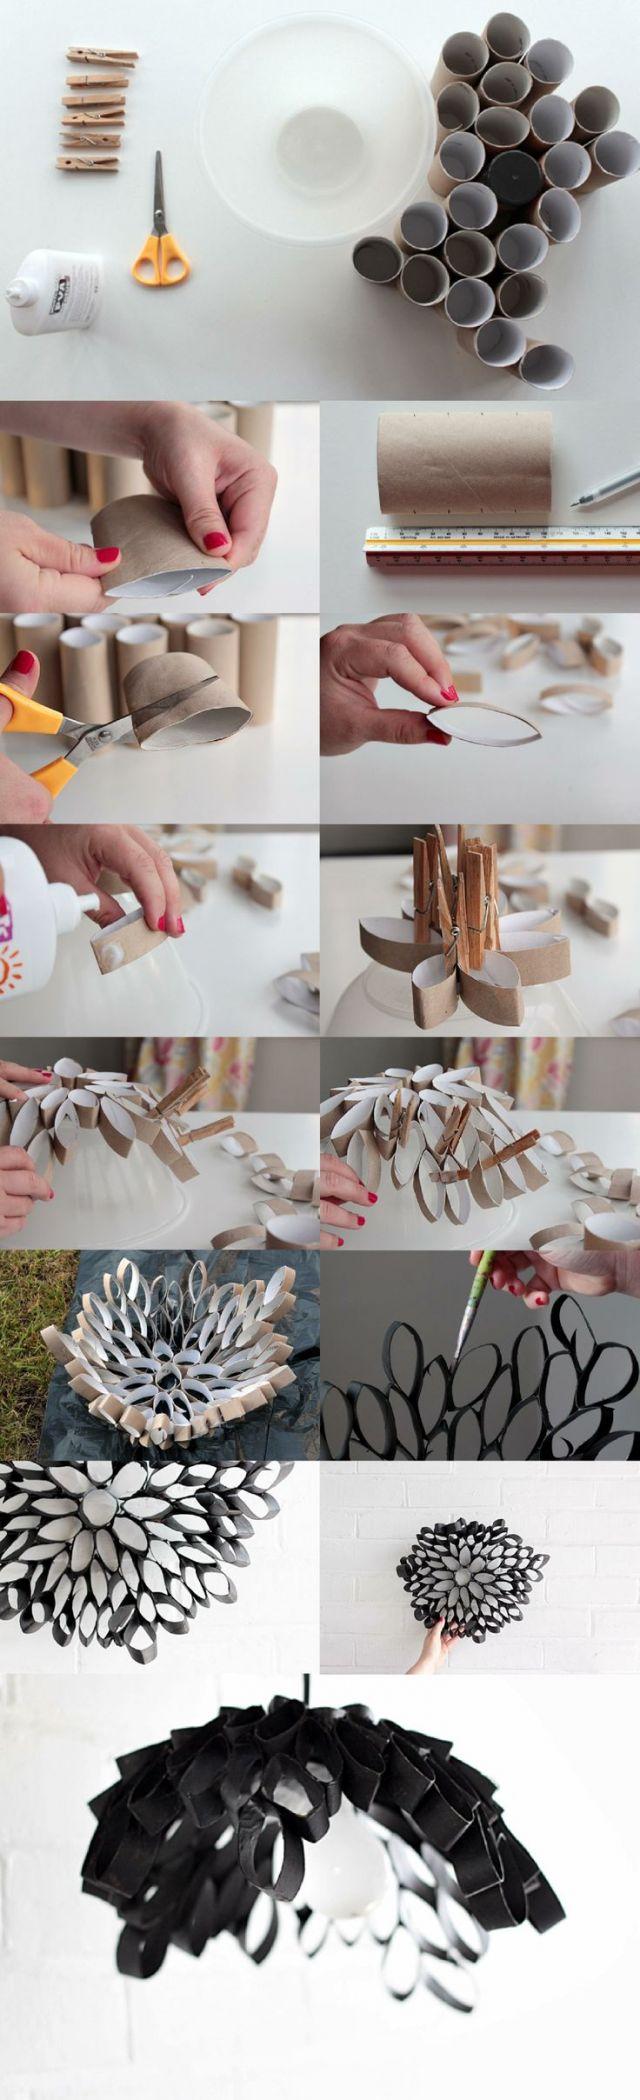 Pomysłowa ozdoba wykonana z rolek - inspiracja